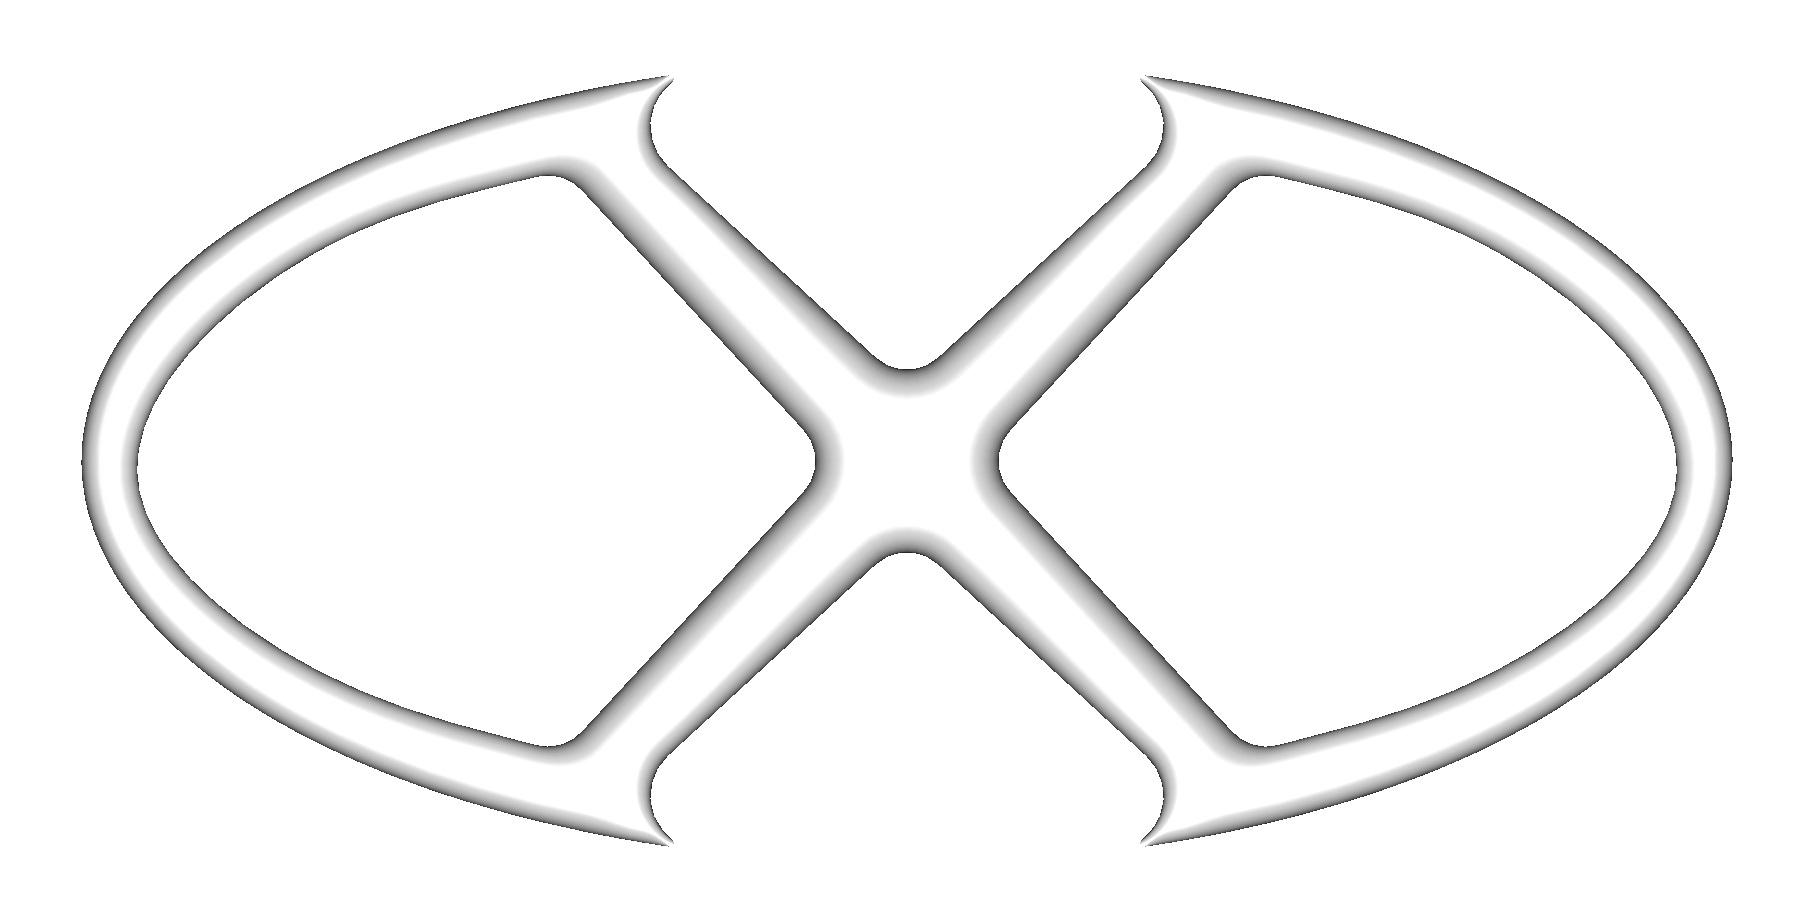 MX83 Rear Lower Pillow Ball